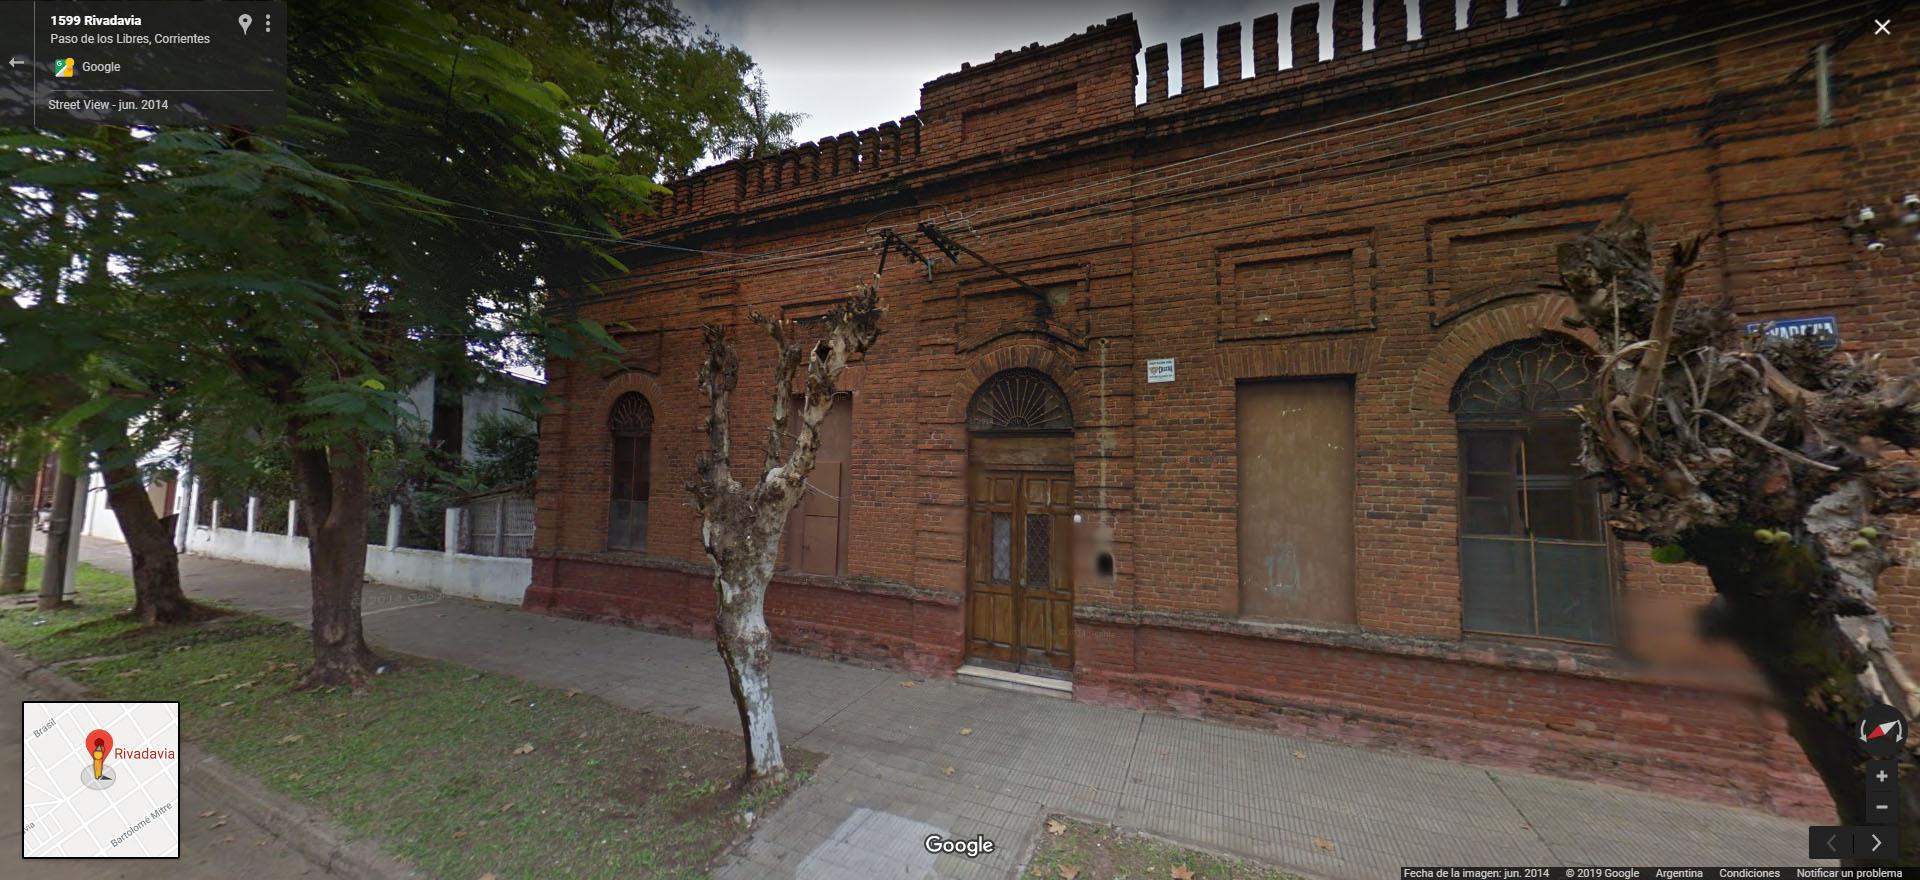 La casa en Rivadavia 1593, Paso de los Libres, Corrientes